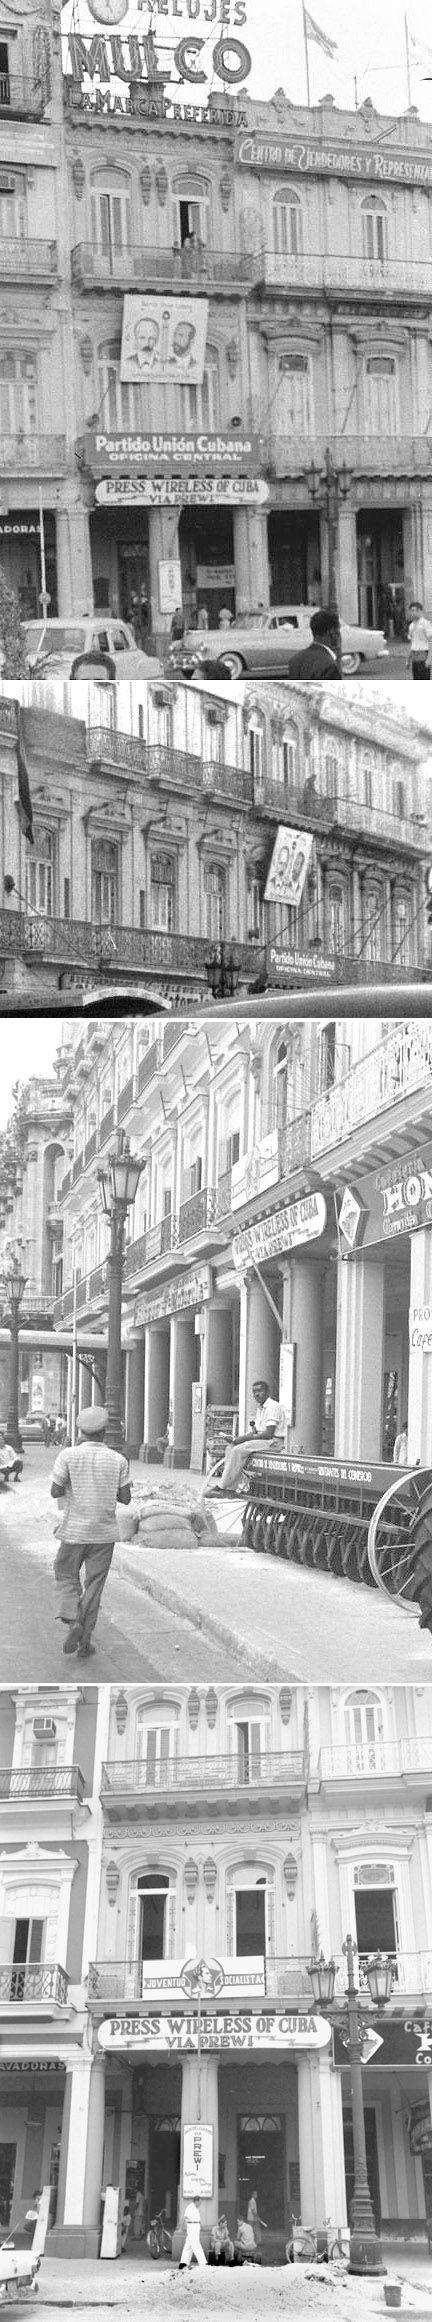 FOTOS DE CUBA ! SOLAMENTES DE ANTES DEL 1958 !!!! - Página 31